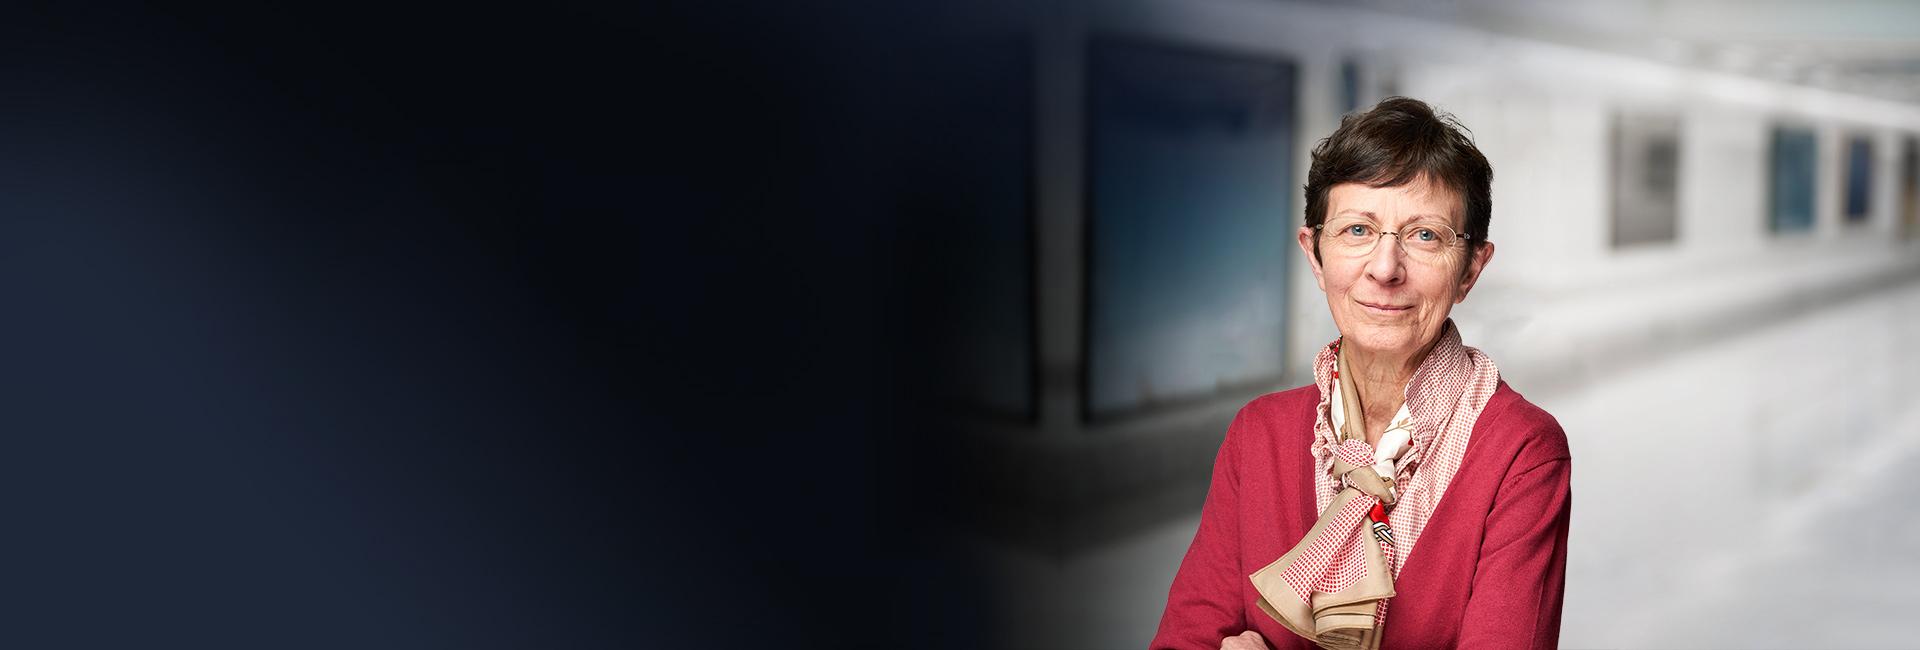 Martine Durez: Director <em>(1)</em>